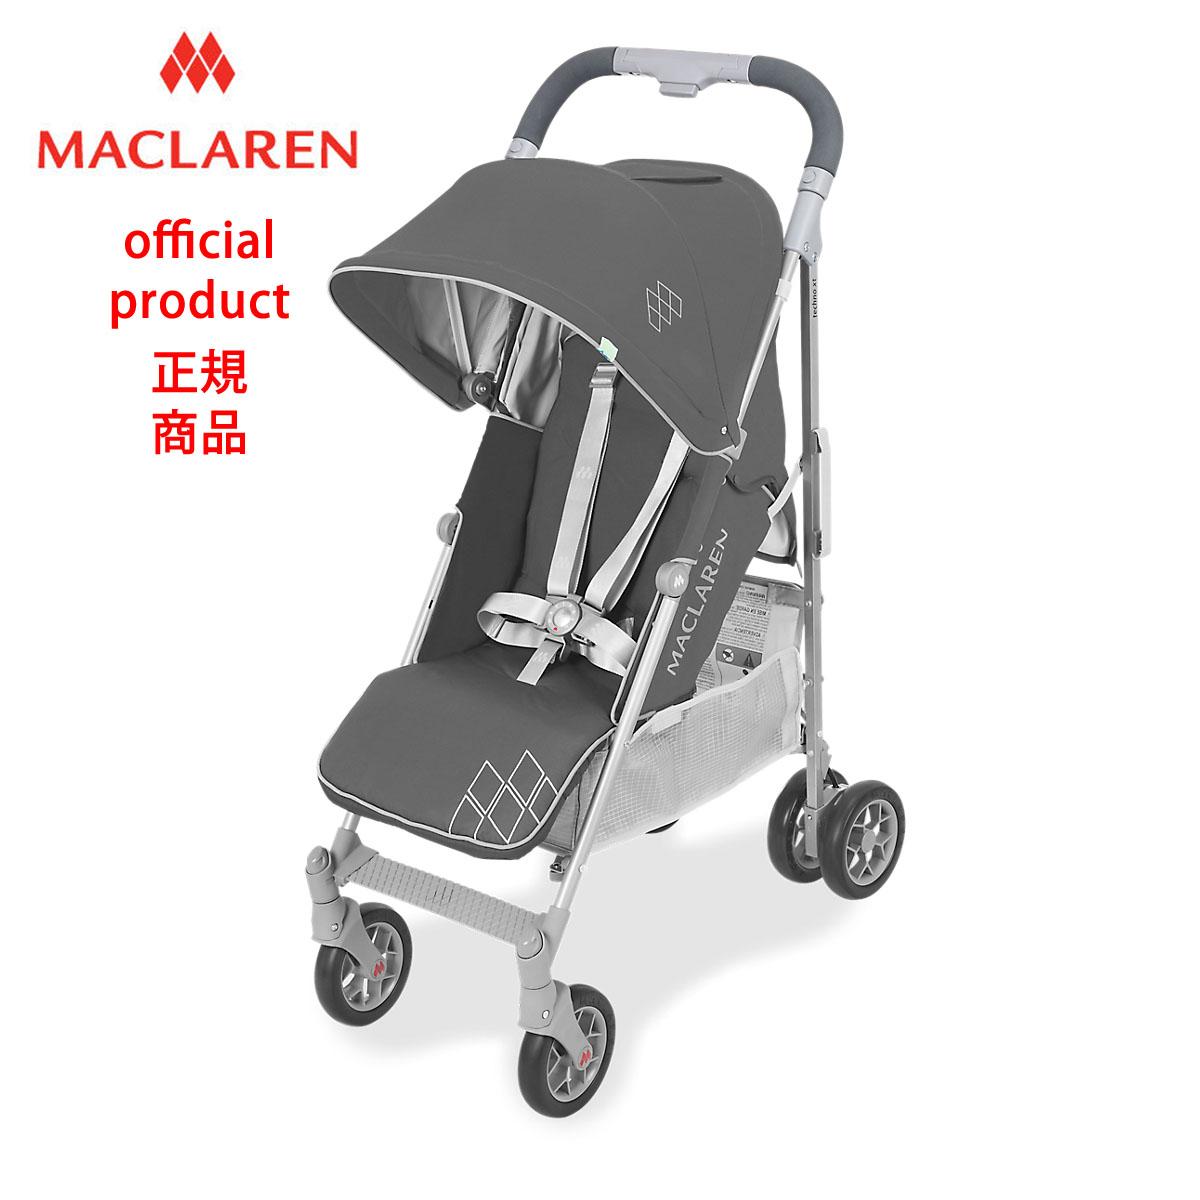 マクラーレンテクノアーク_MaclarenTechnoArc